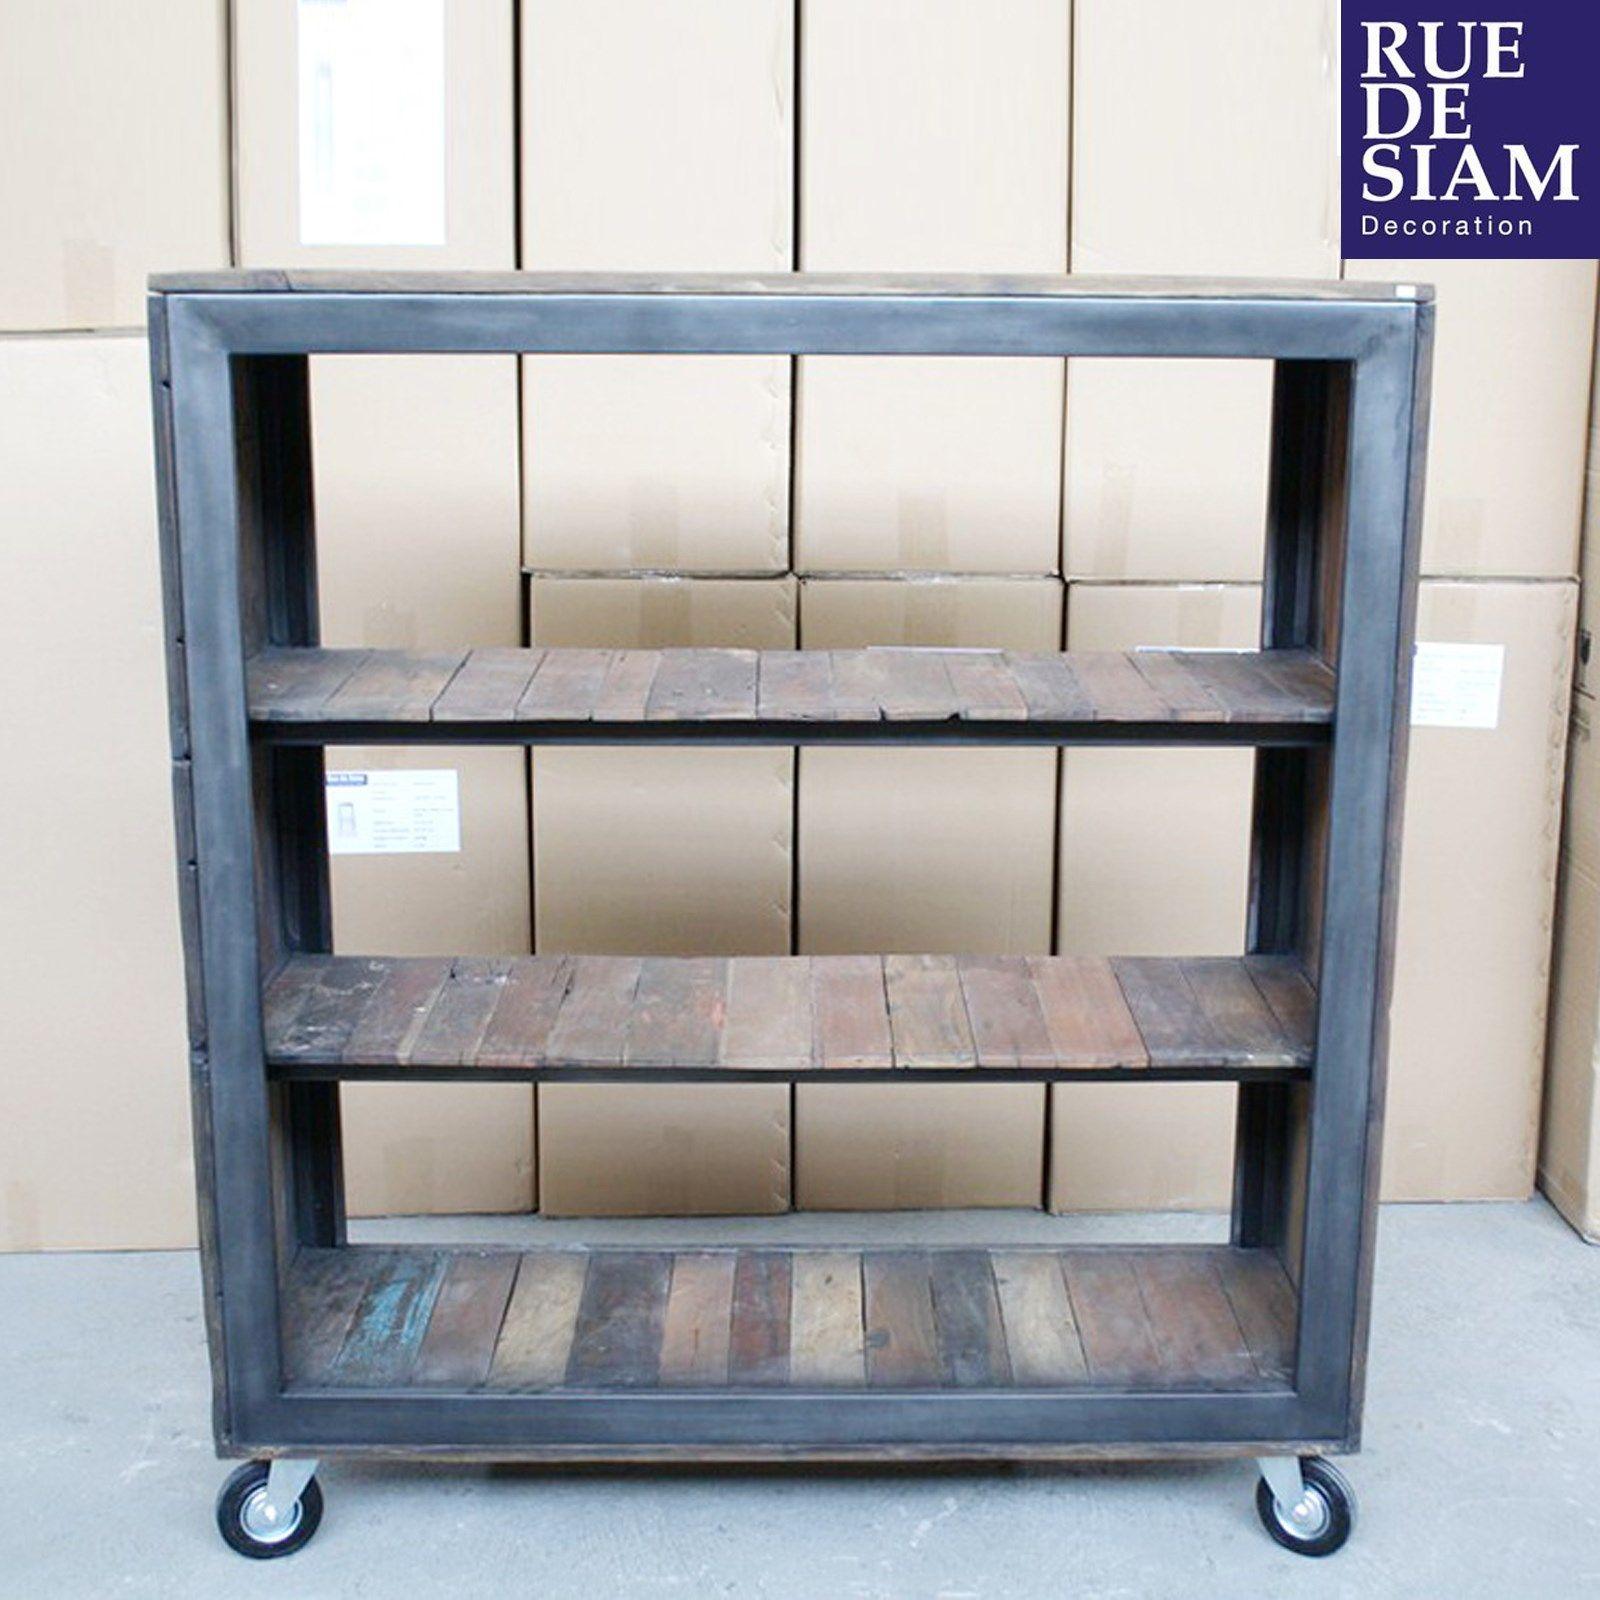 Biblioth¨que 125cm design industriel n°01 Des idees pour vos